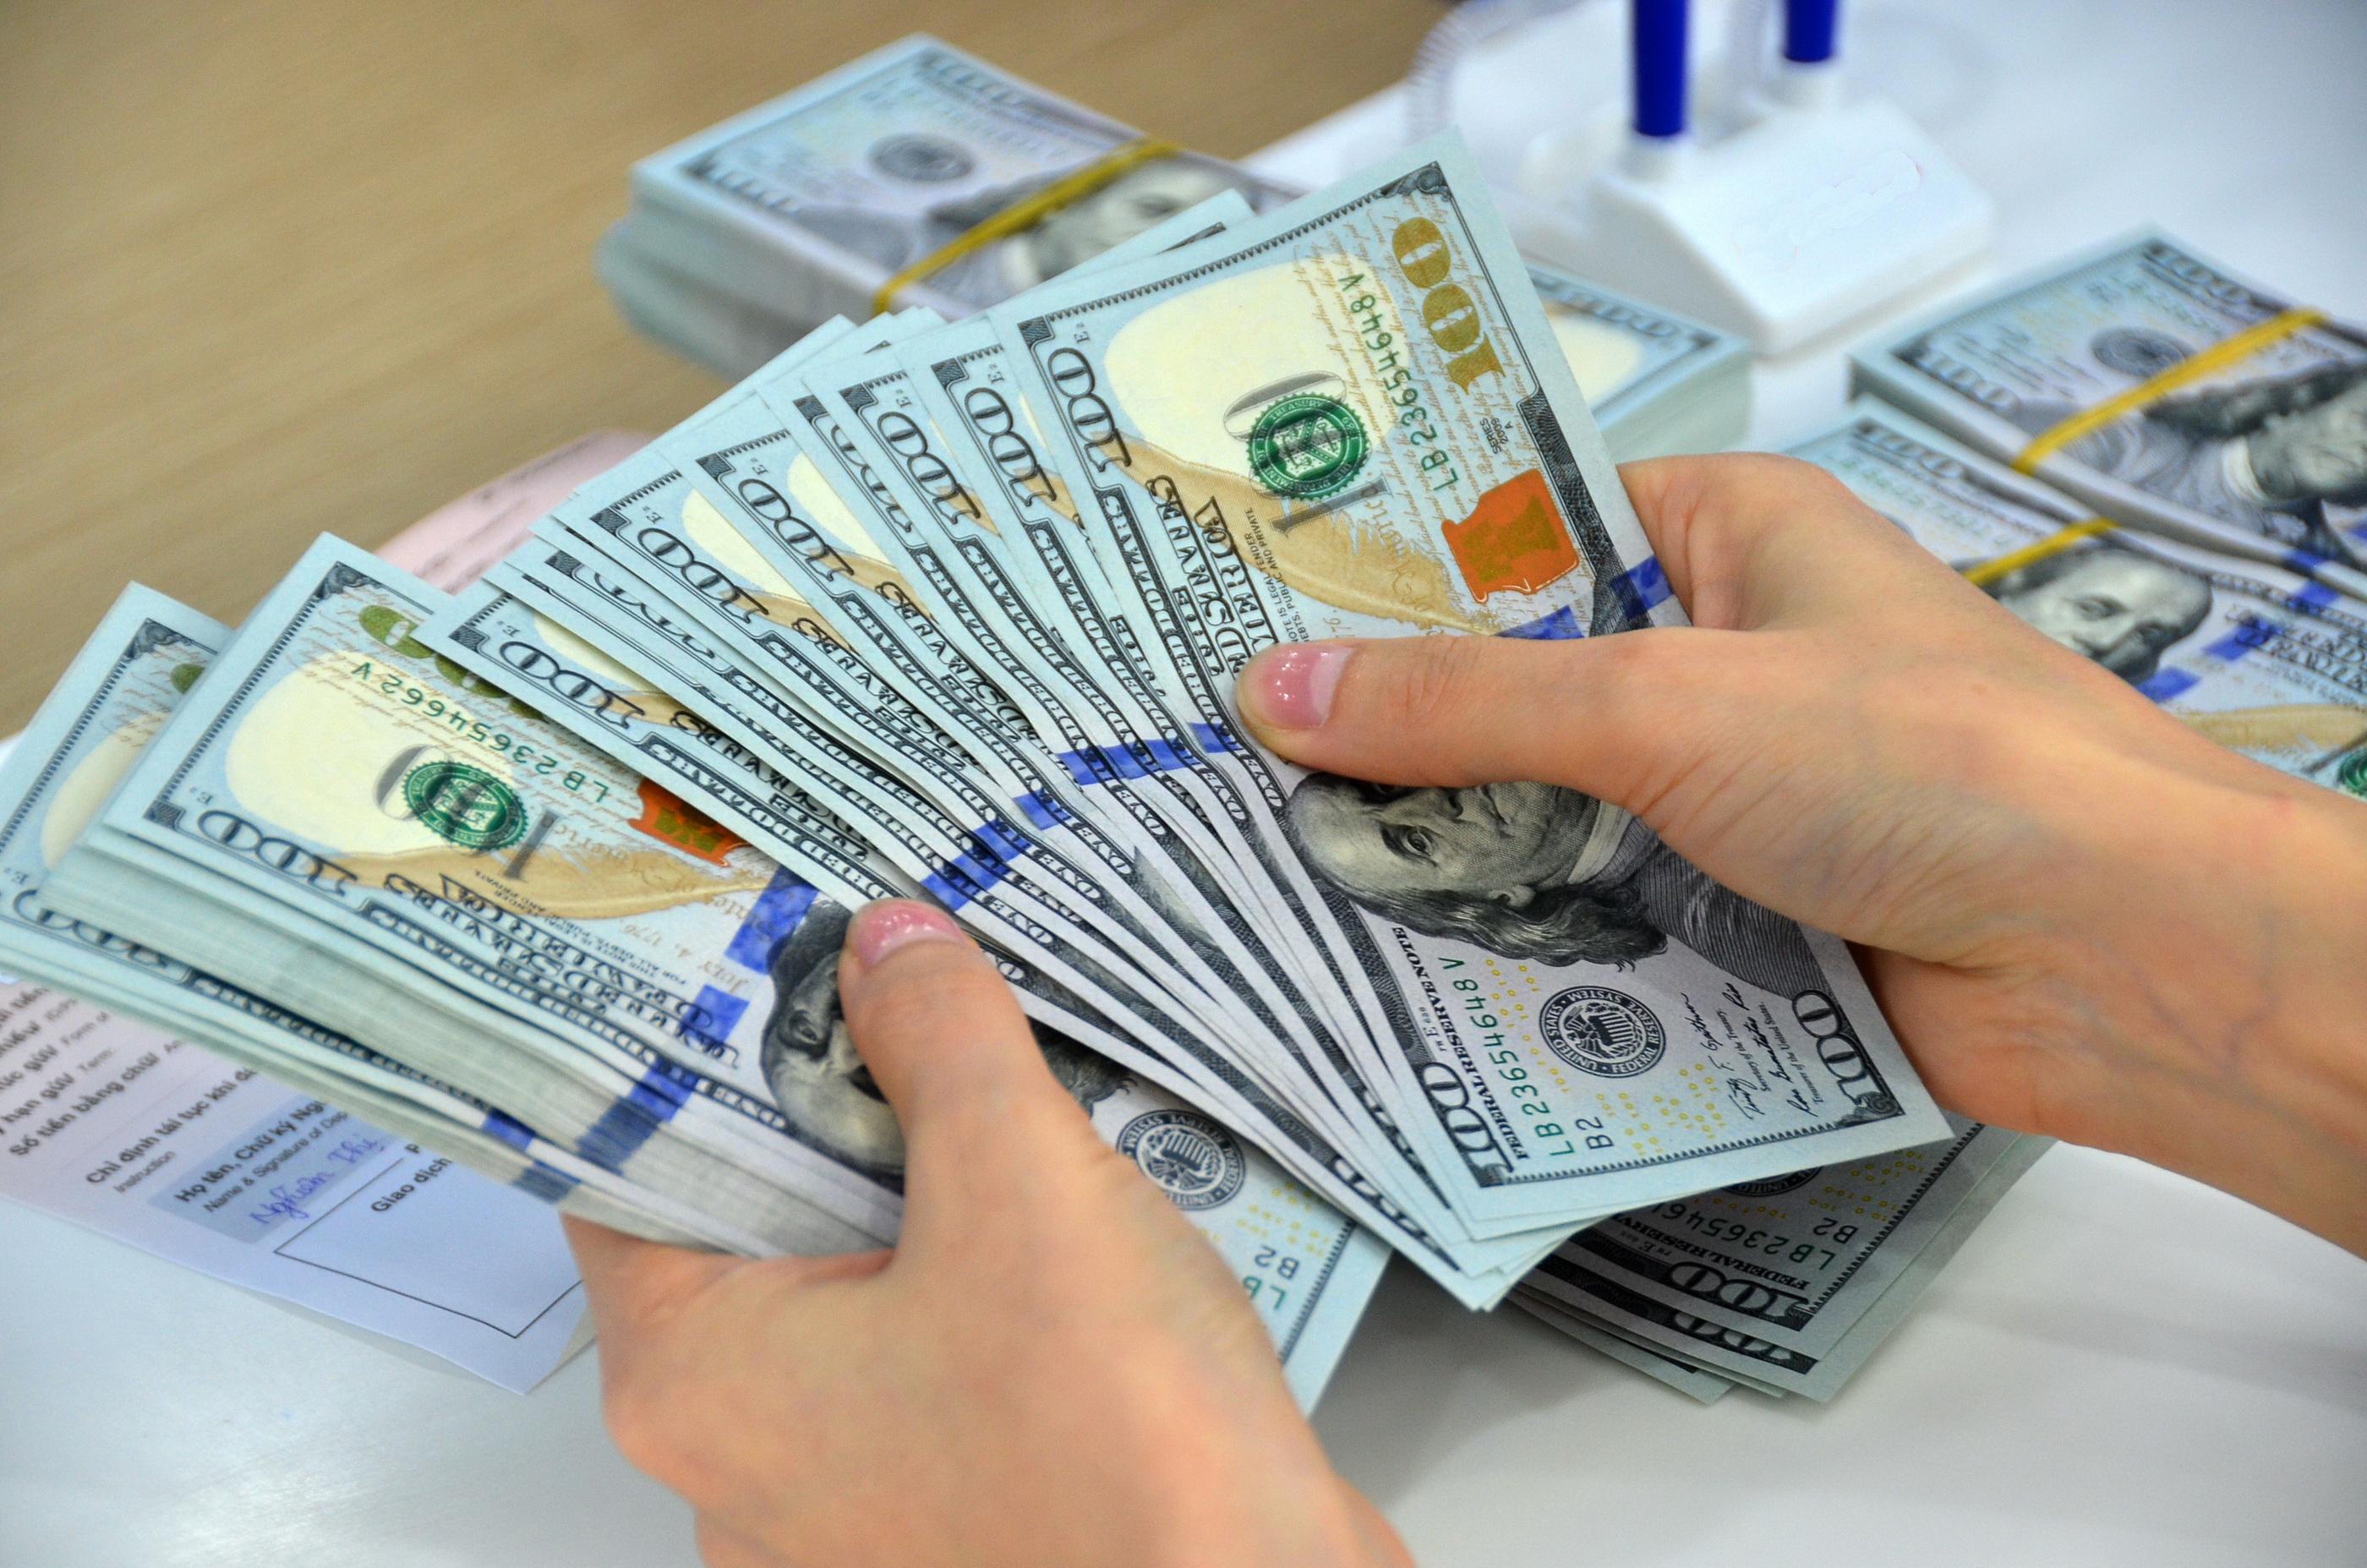 BSC: Triển vọng thị trường tài chính thế giới khá tiêu cực